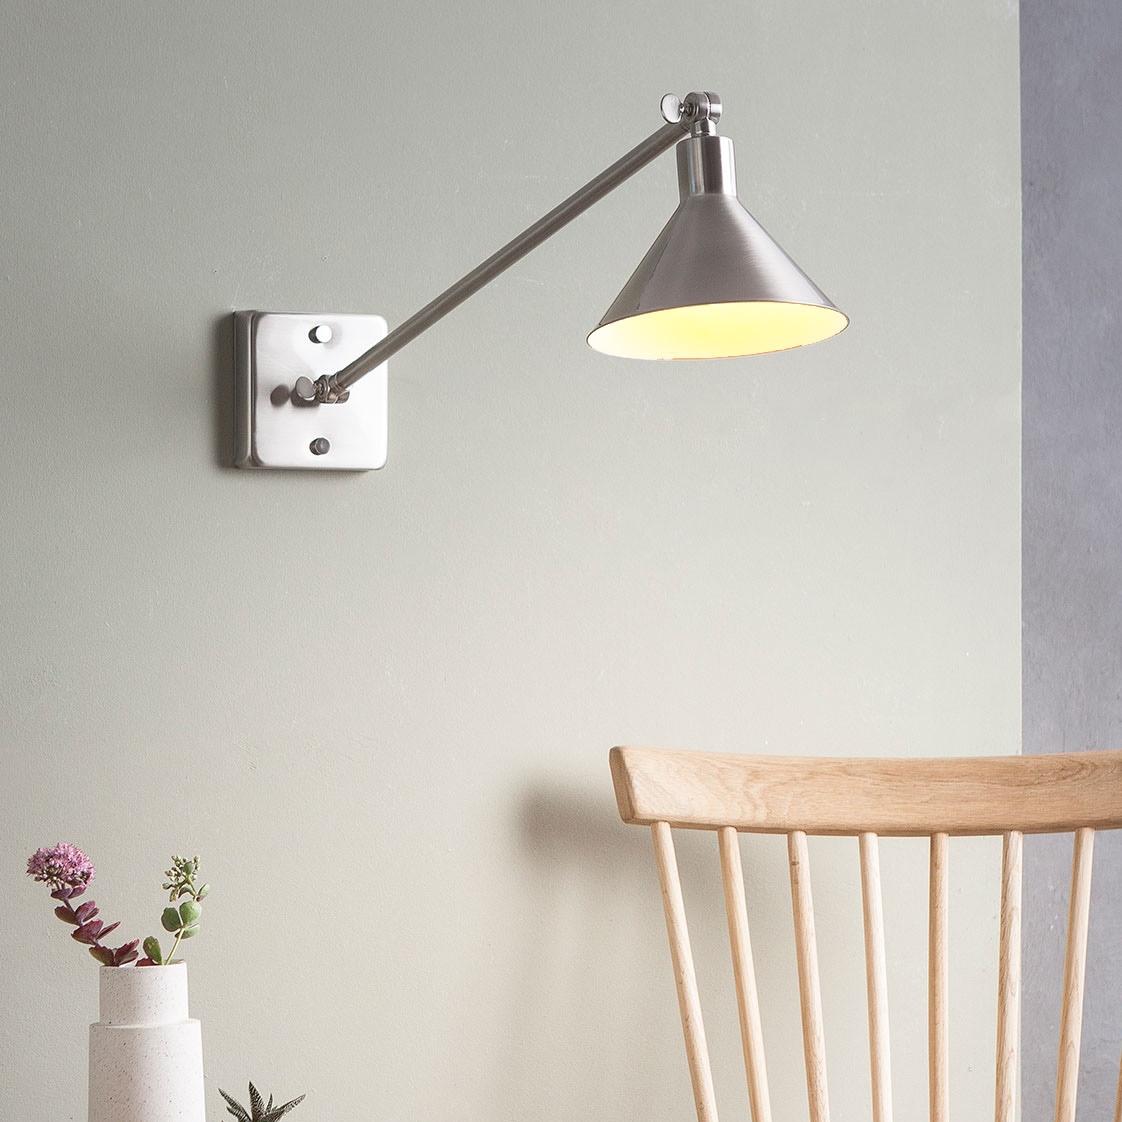 leuchte mit ausleger arm und zwei gelenken zur wand und deckenmontage. Black Bedroom Furniture Sets. Home Design Ideas